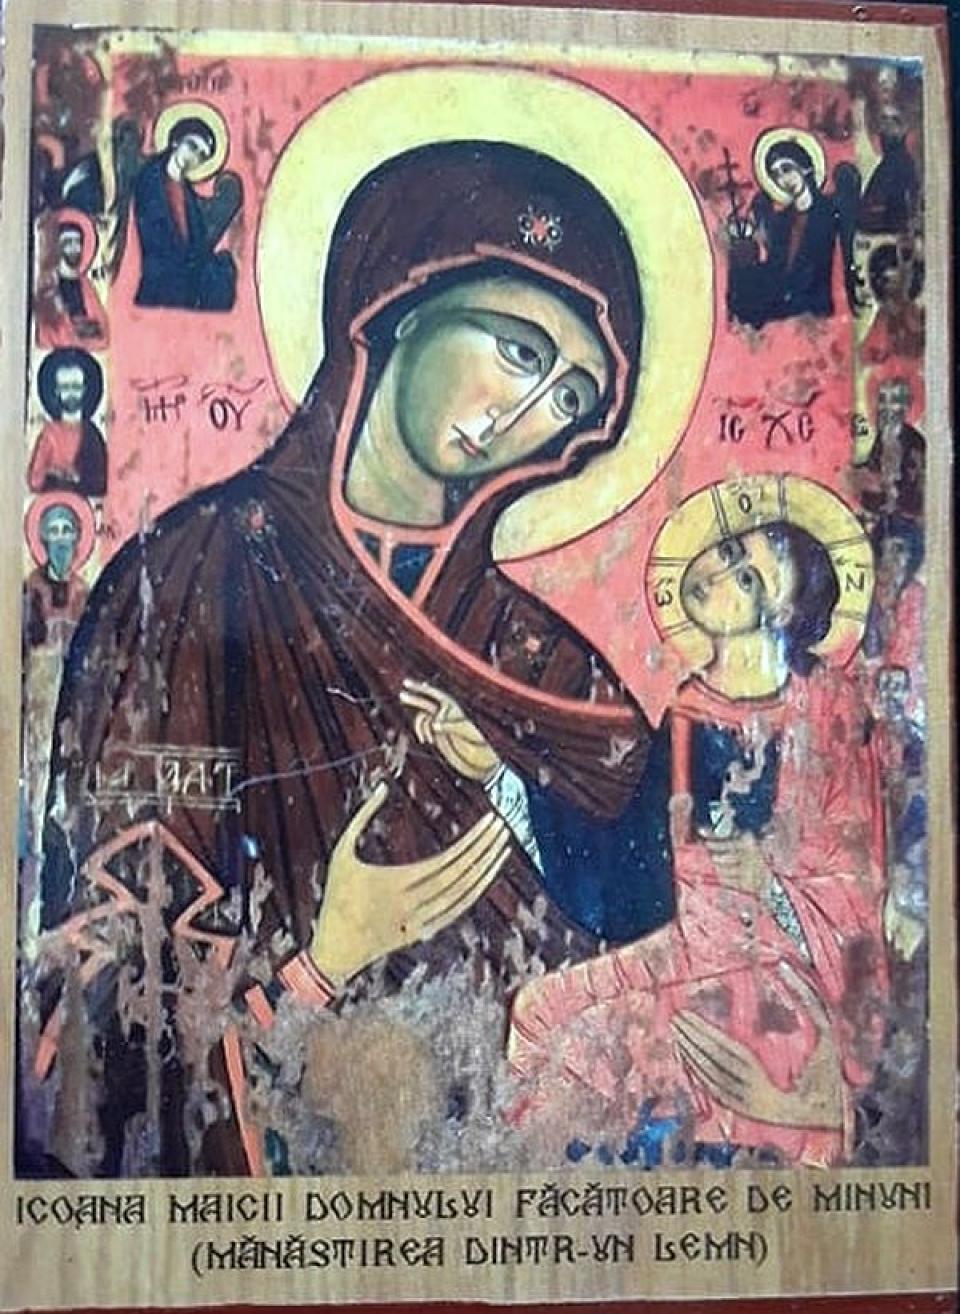 Icoana Maicii Domnului Făcătoare de Minuni de la Mănăstirea dintr-un Lemn.  Foto: DC Medical